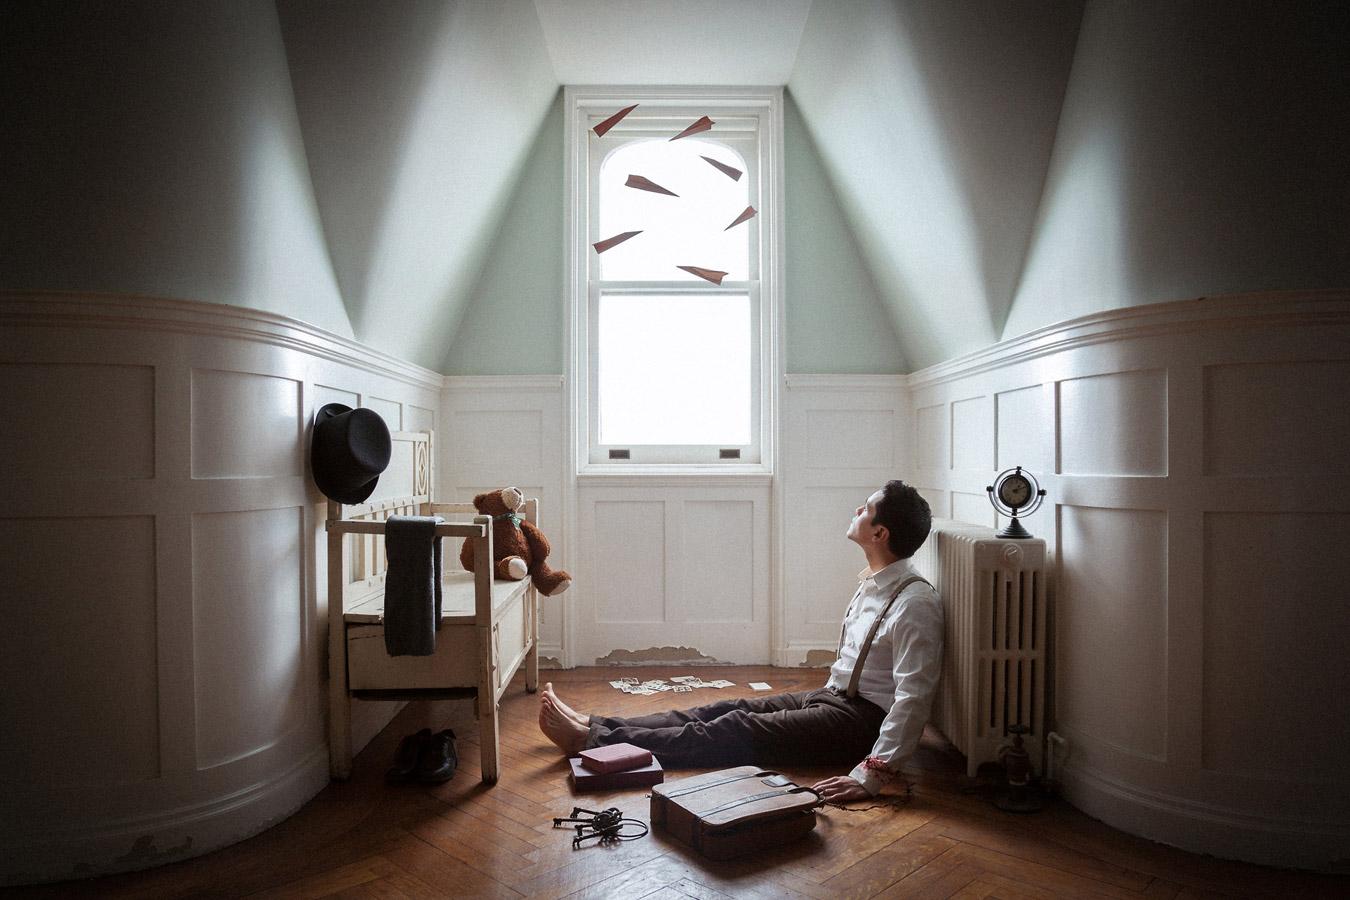 Рафаэль Инфанте / Rafael Infante, США, 3-е место в категории «Концепт», Фотоконкурс «Художественная фотография» — Fine Art Photography Awards